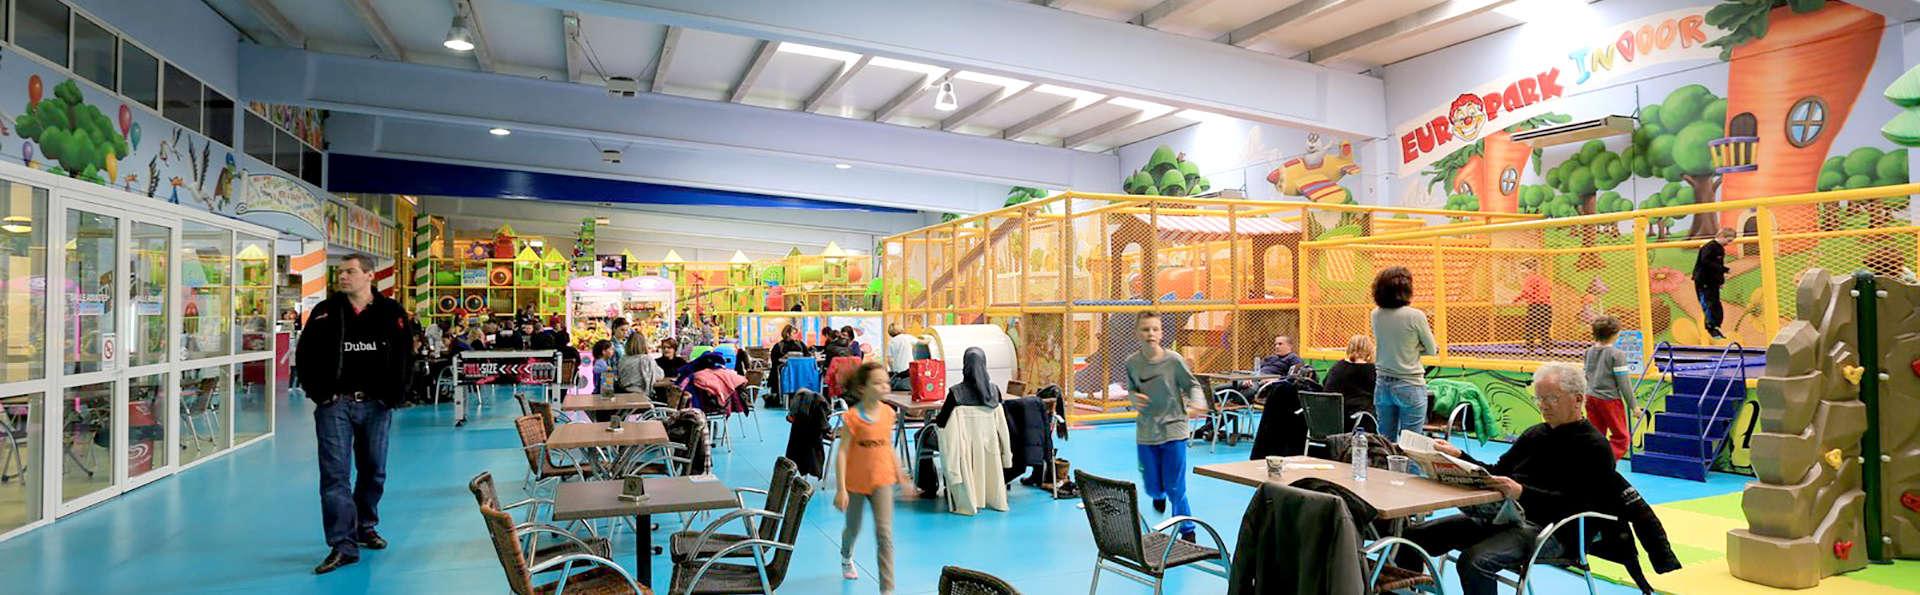 Week-end en famille près de Sète et entrées à l'Europark Indoor